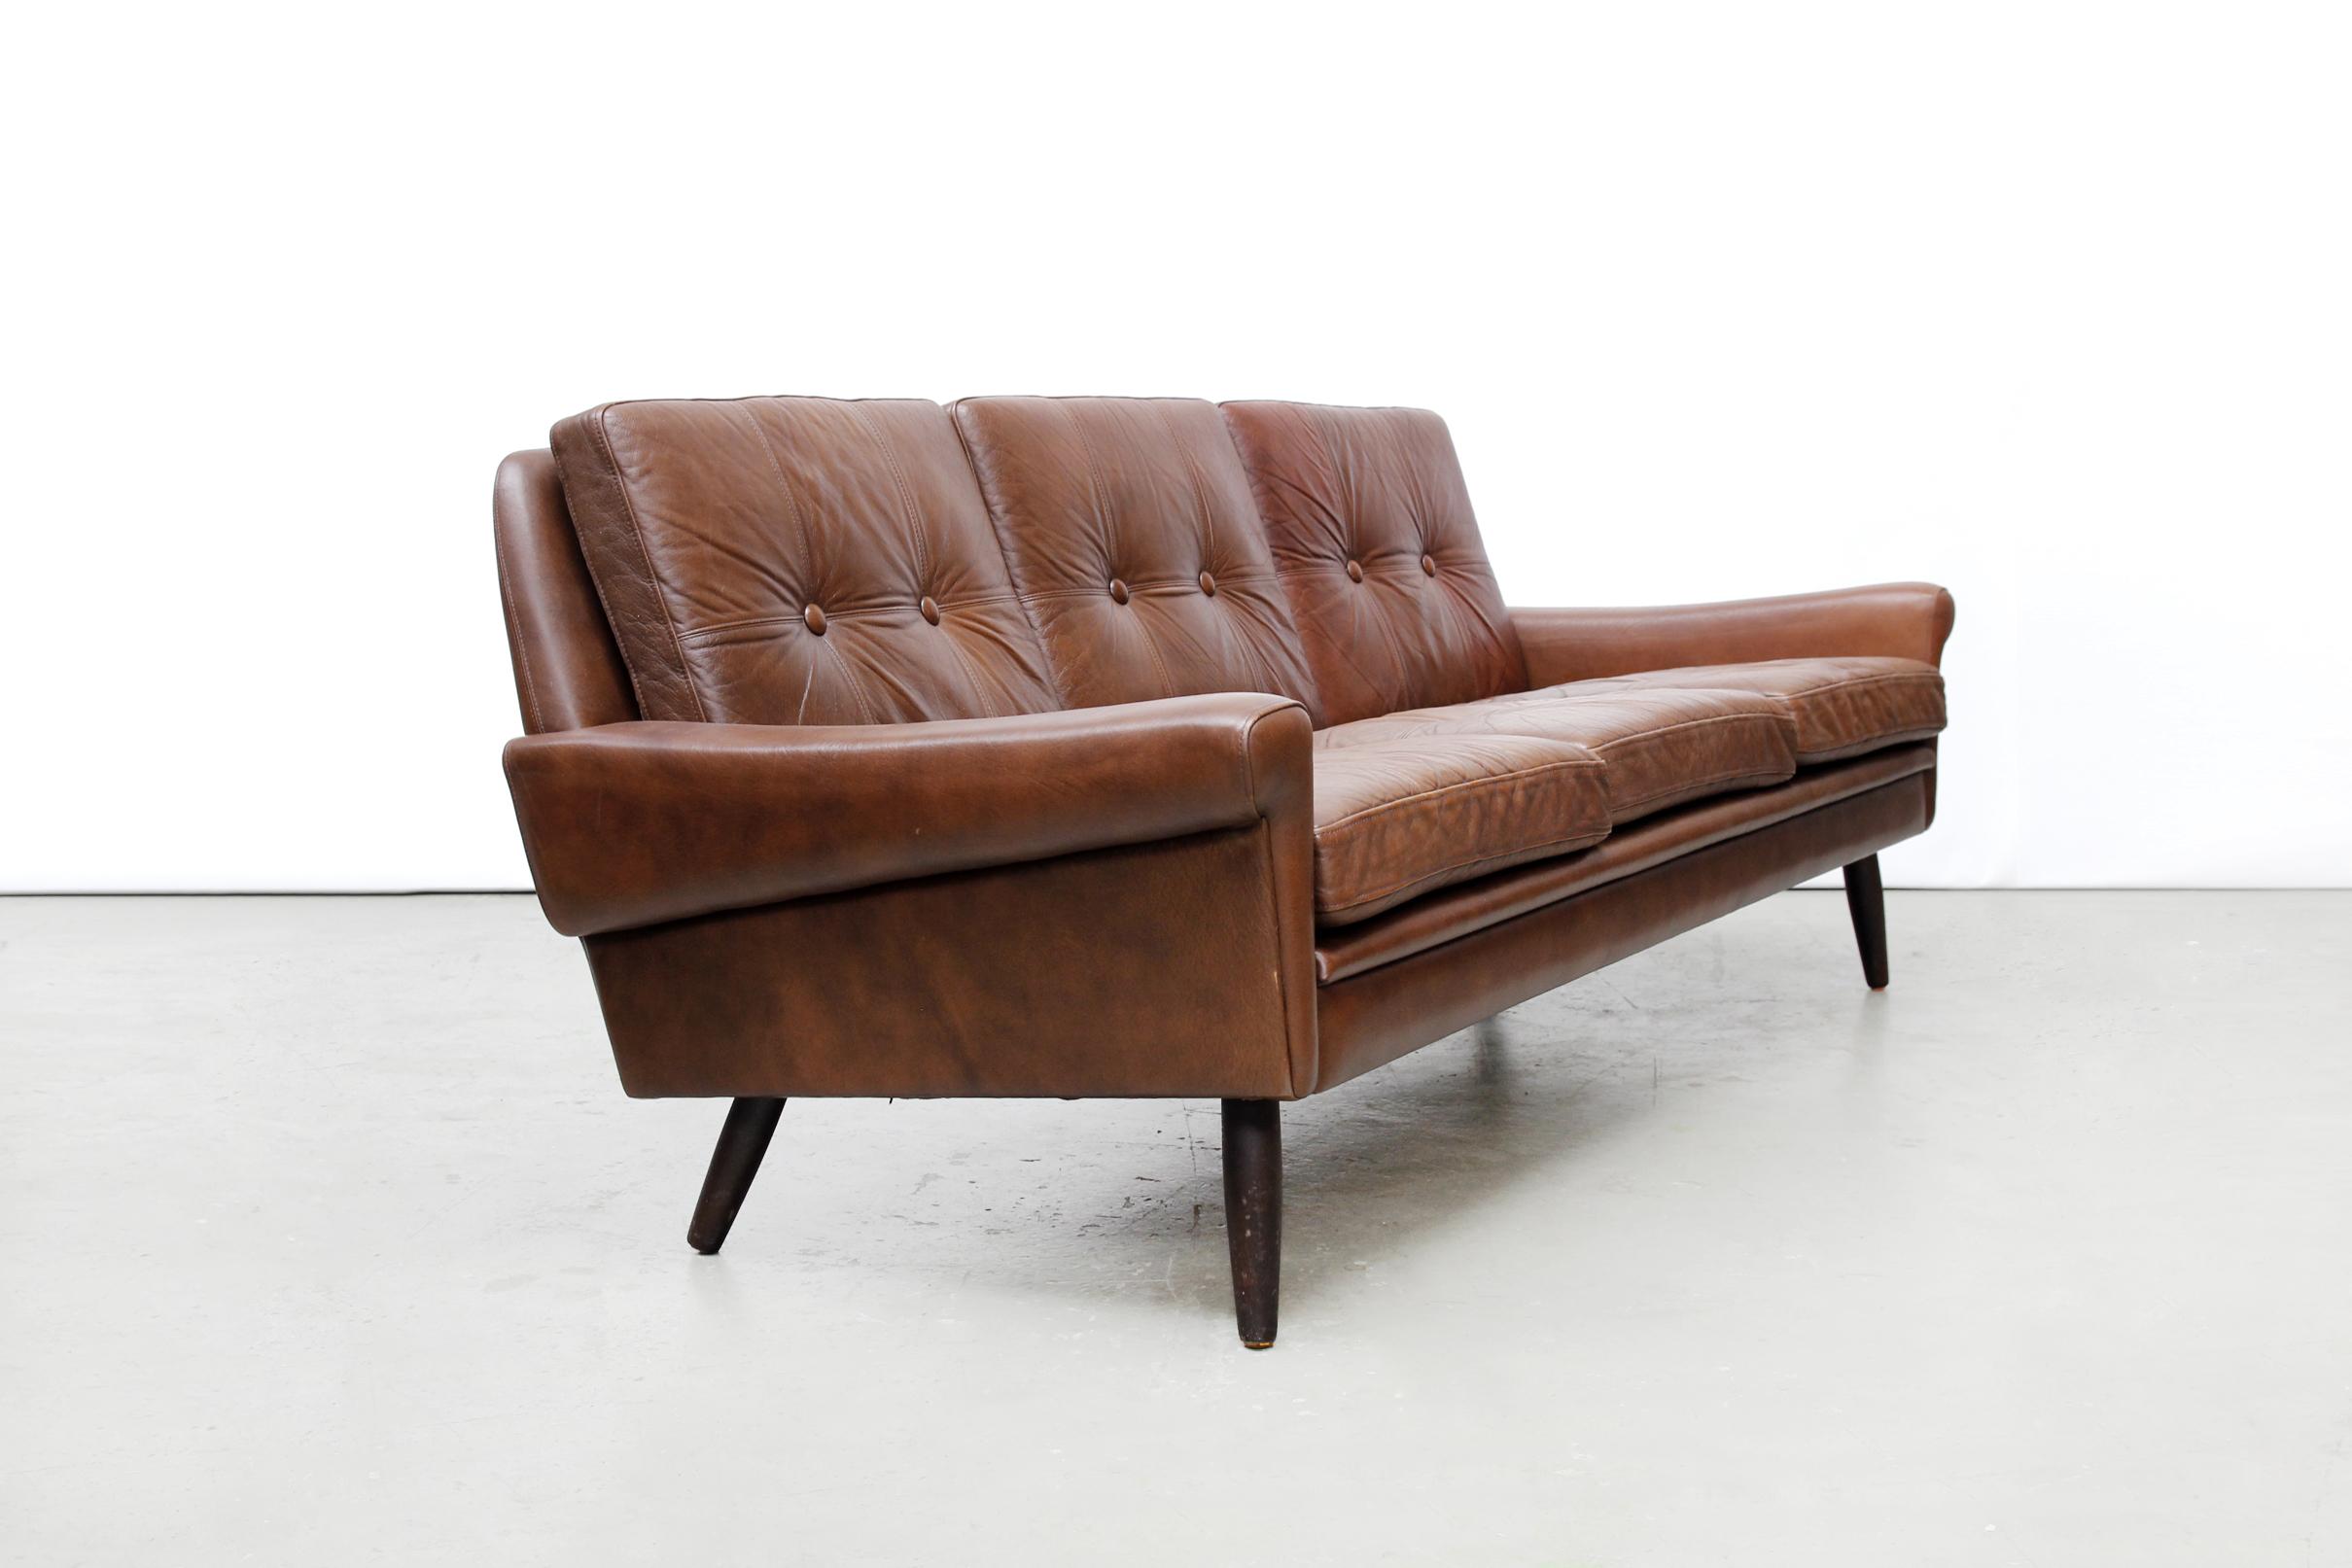 Vintage skippers møbler deens design leren bank van ons